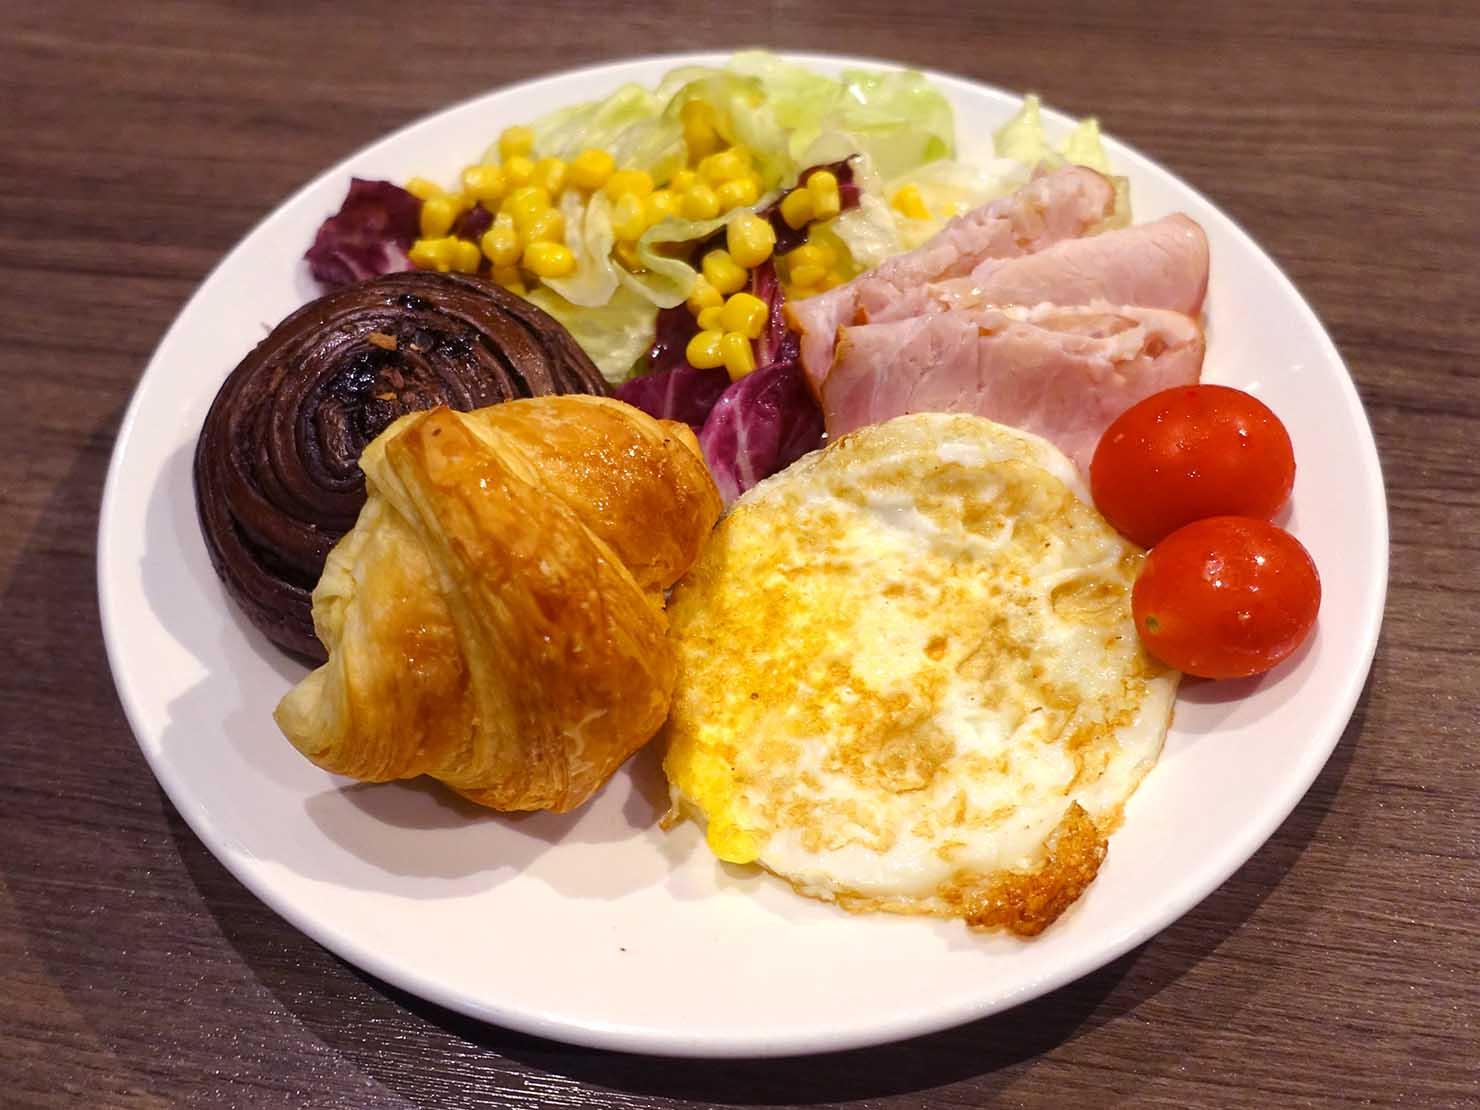 嘉義のおすすめホテル「嘉義觀止」B1F觀止餐廳でいただく朝食ビュッフェ